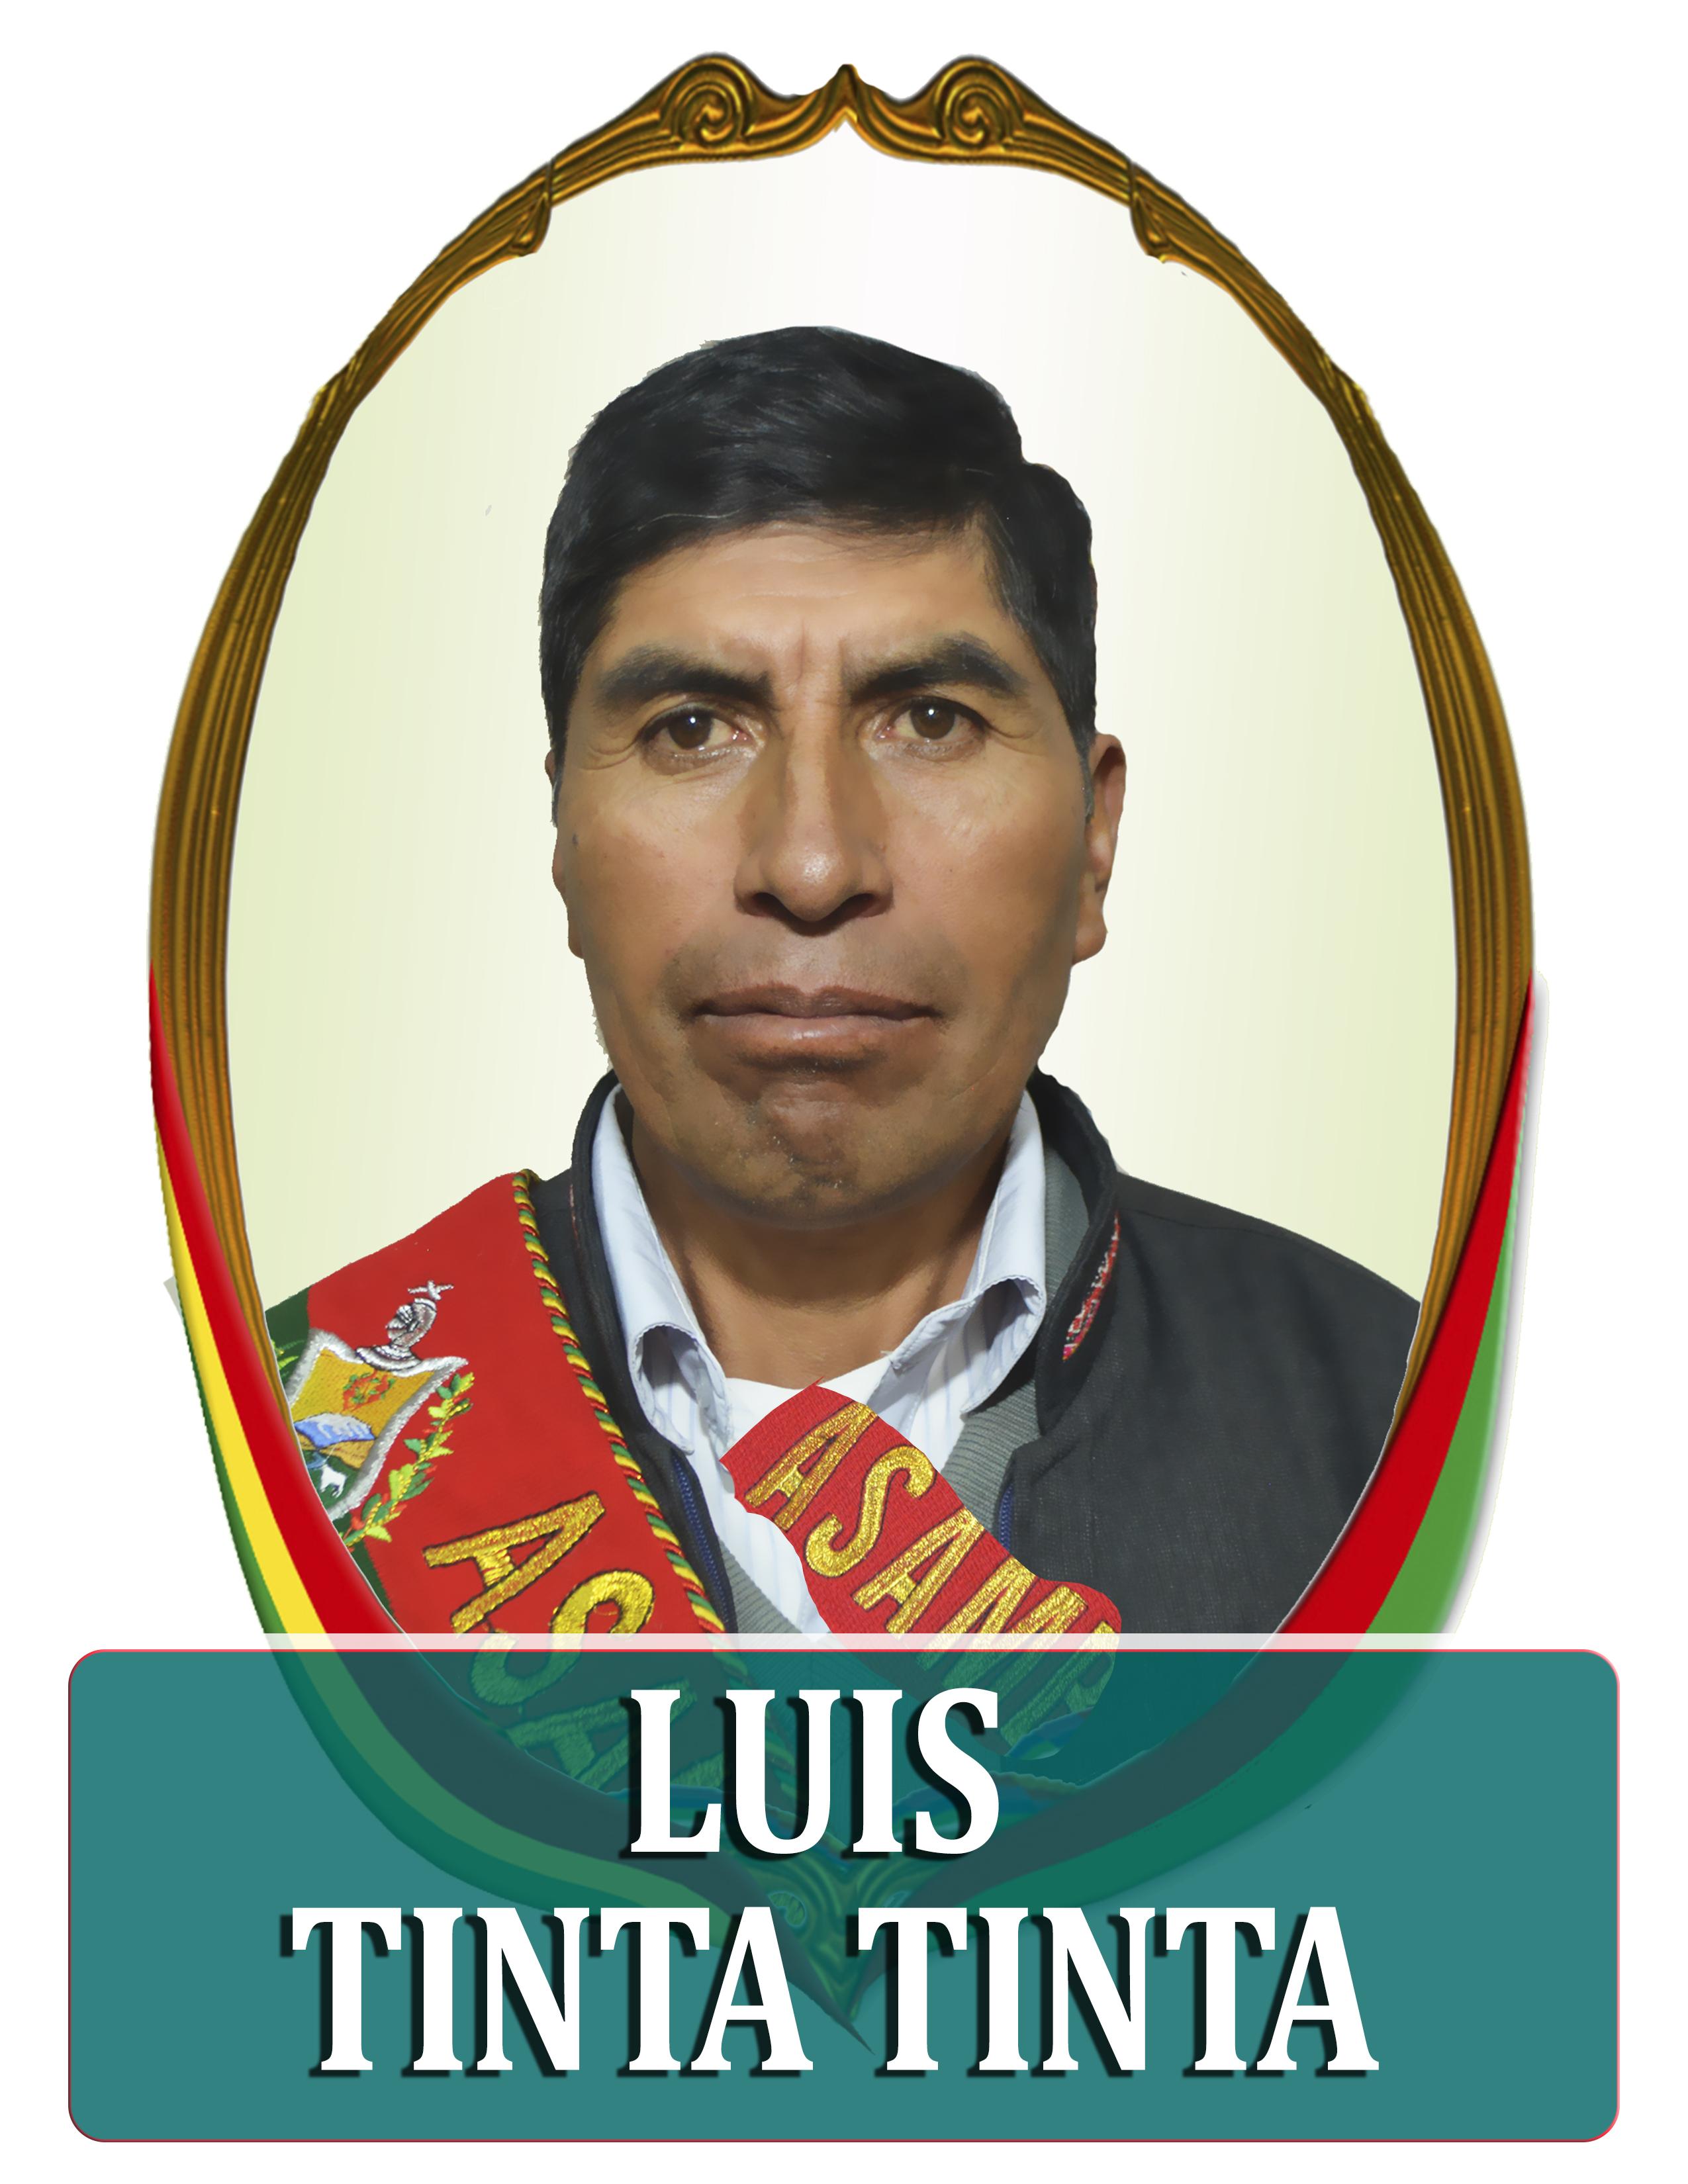 LUIS TINTA TINTA